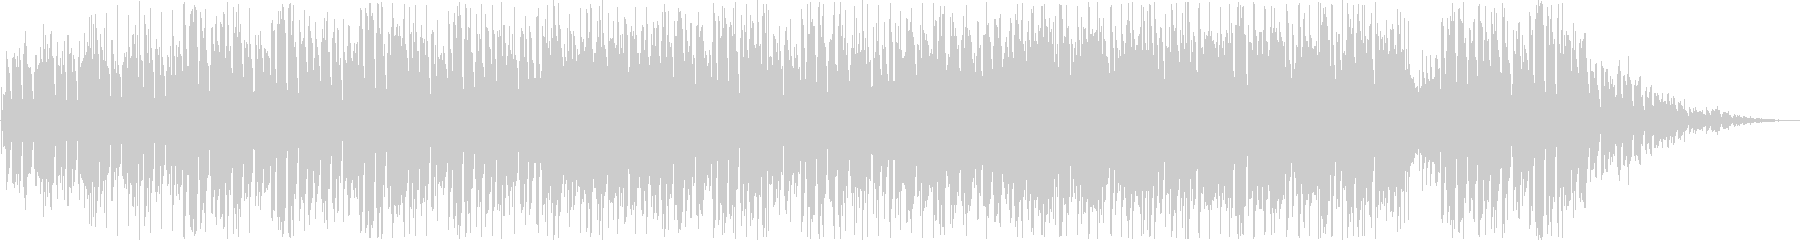 ほのぼのしたシンセ・打楽器サウンドの未再生の波形